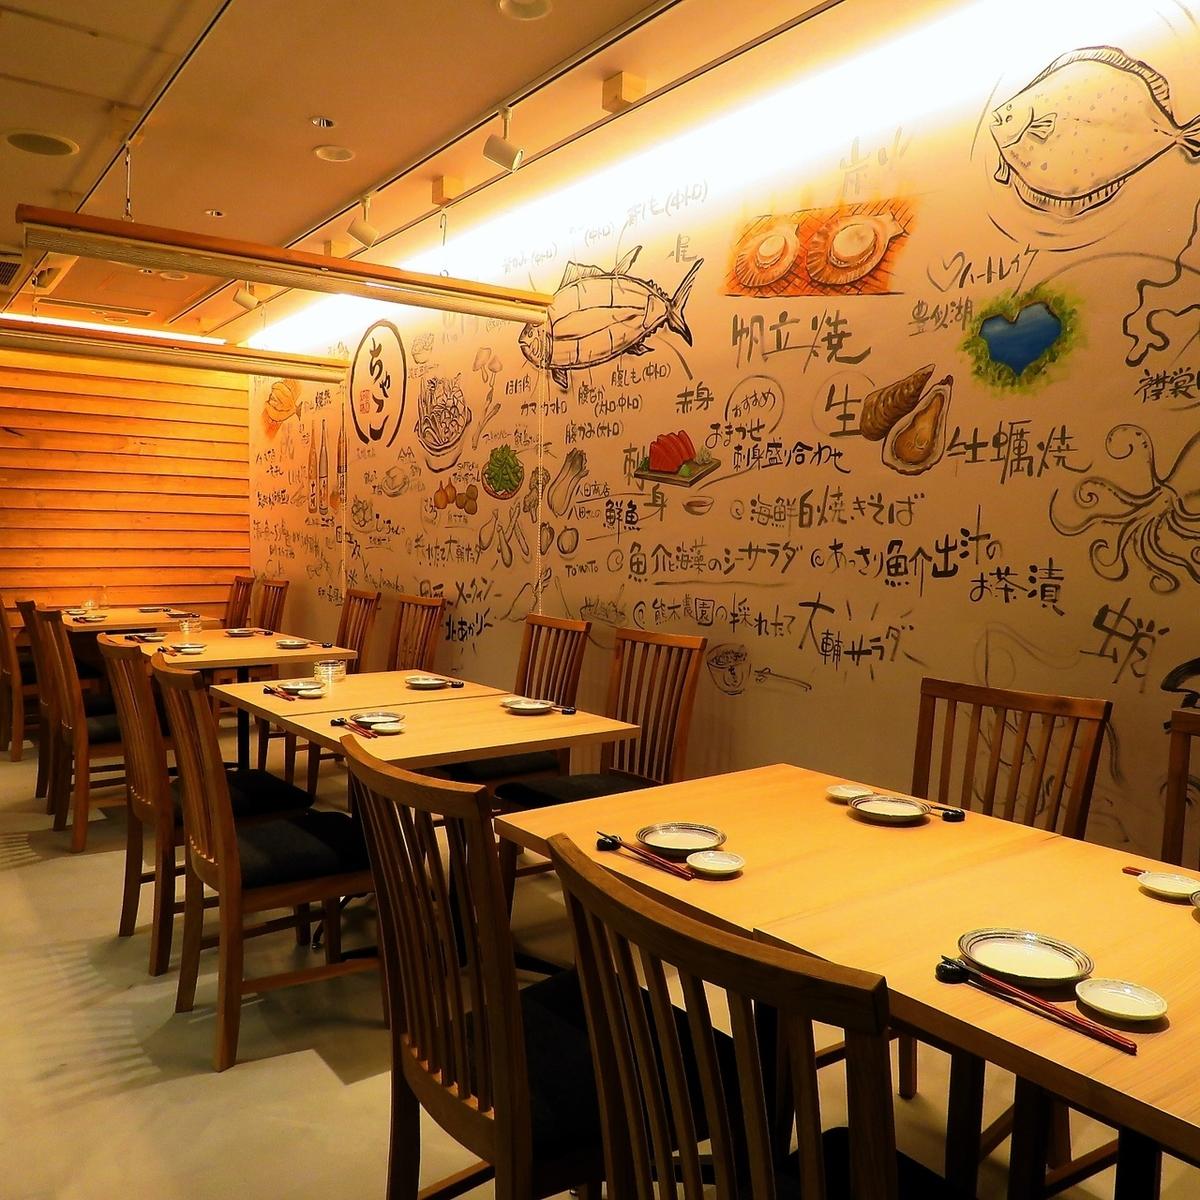 [테이블 석은 18 인분 준비】 4 명 테이블 × 4 탁자 2 명 테이블 × 1 탁자 준비한 테이블 석은 벽에 그려진 디자인의 수많은 관심의 포인트.먹고 마시고 그리고보고.오감으로 당점의 환대를 즐기실 수 있습니다.